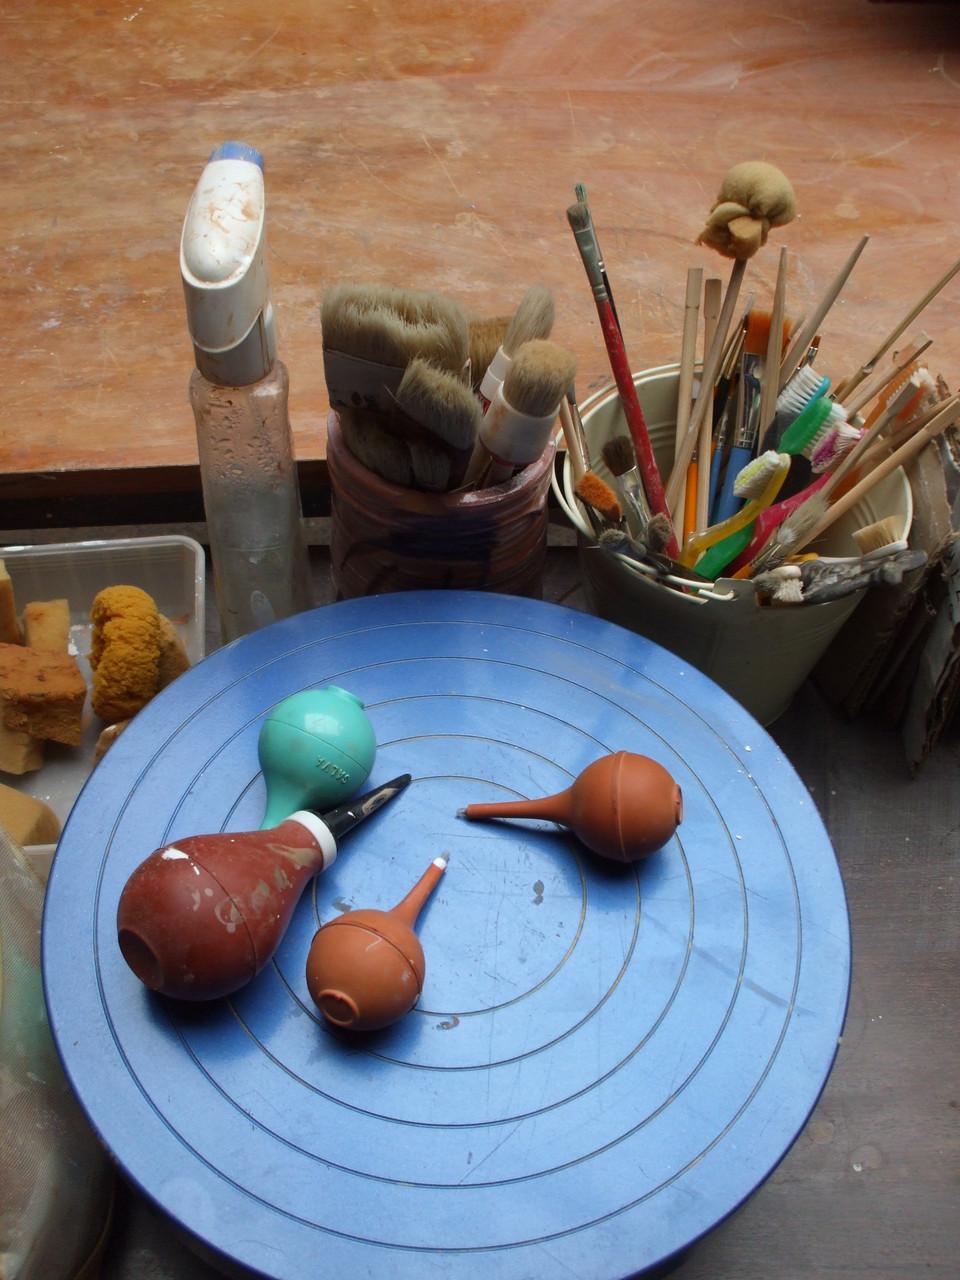 Les outils de décoration de terre vernissée